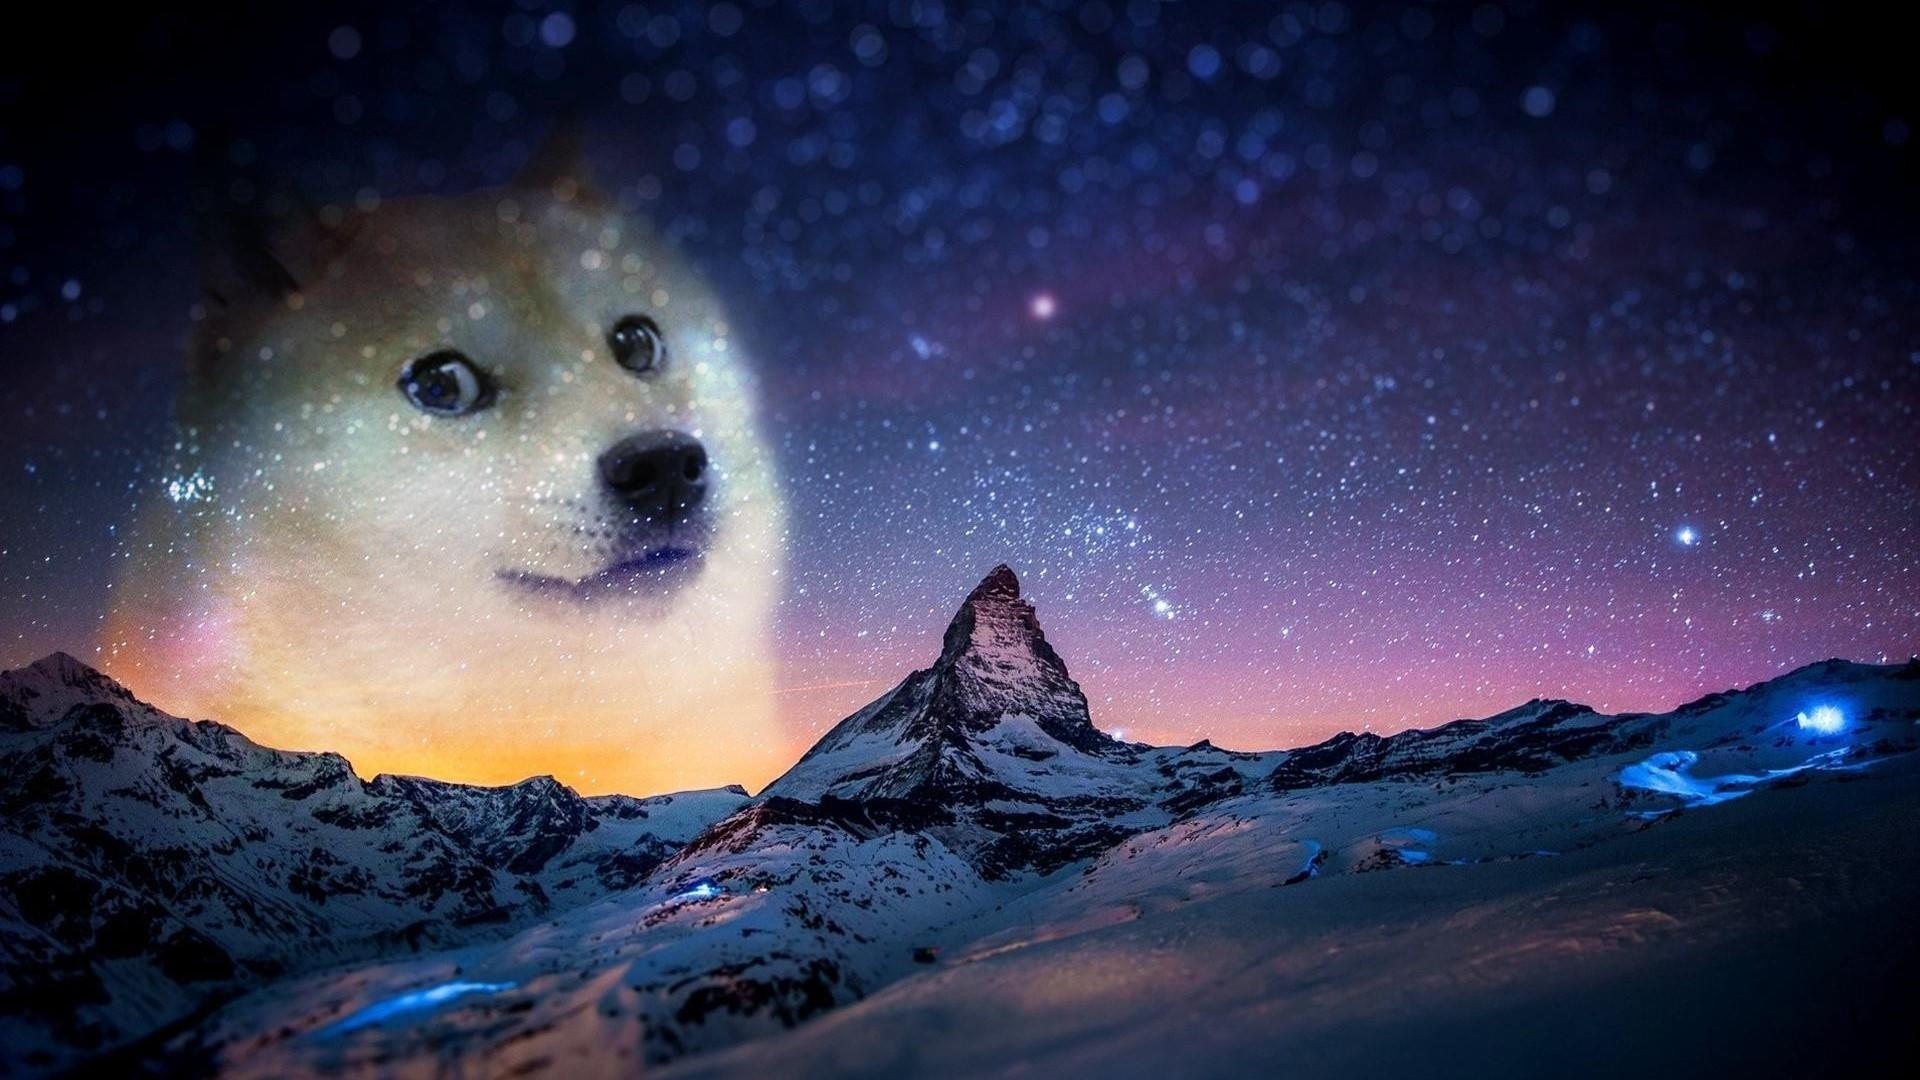 Doge Meme free background